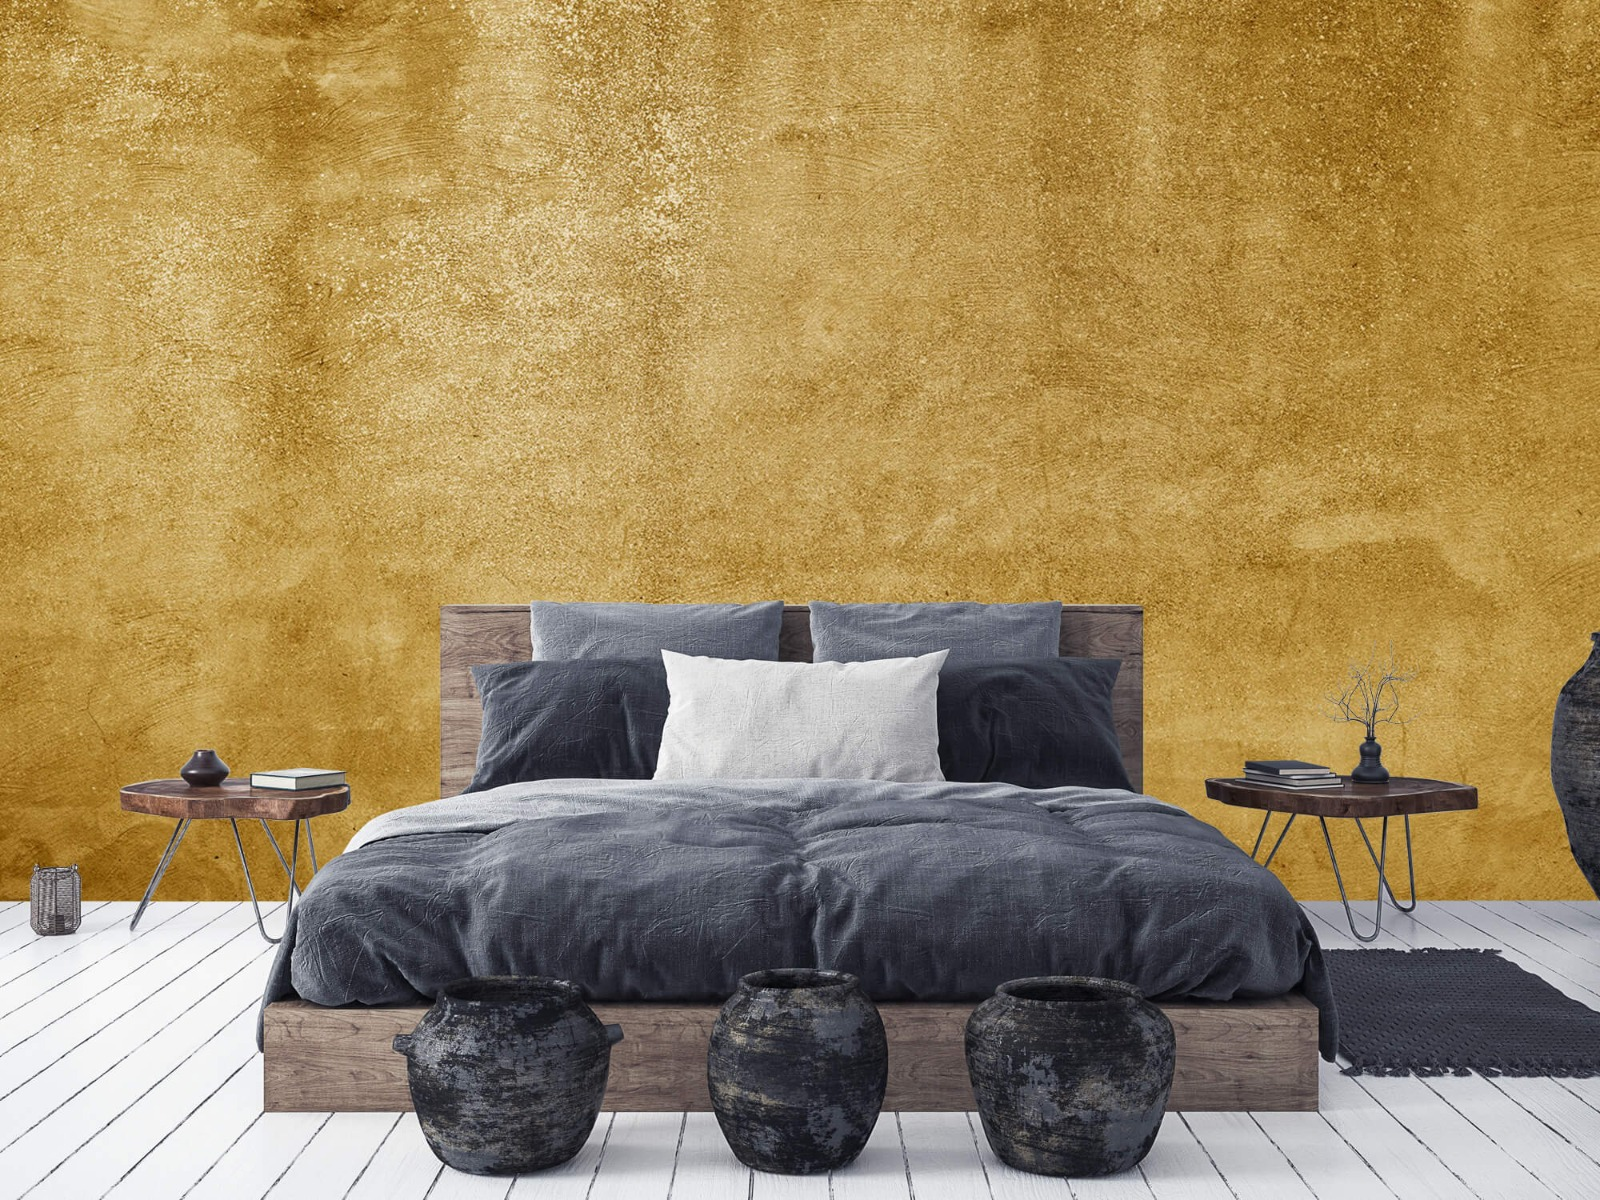 Betonoptik Tapete - Ockerhaltiger gelber Beton auf Fototapete - Wohnzimmer 2